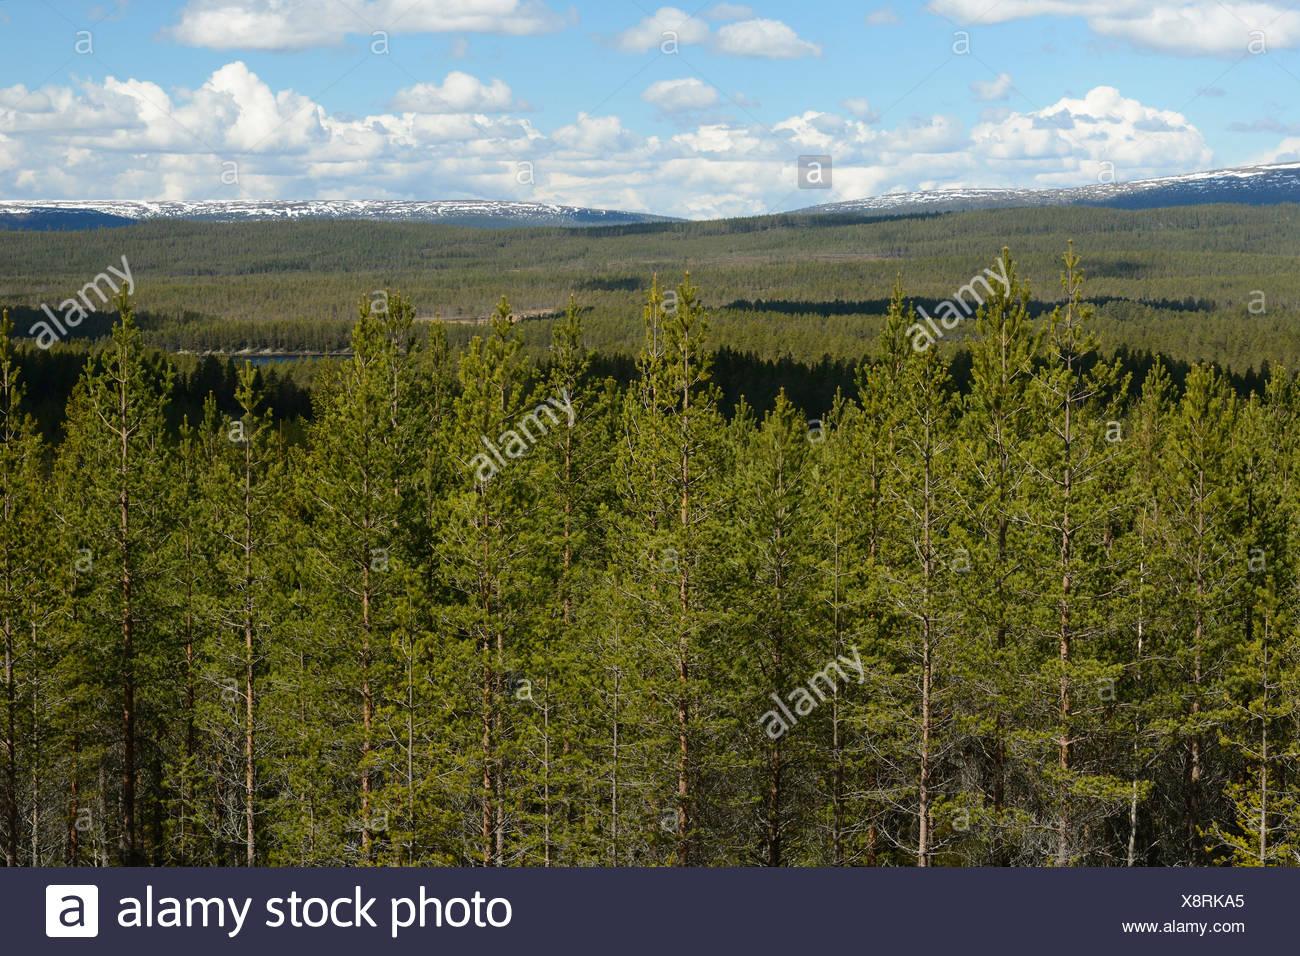 Forests, Transtrandfjällen, snow, Löten, Dalarna, Sweden - Stock Image